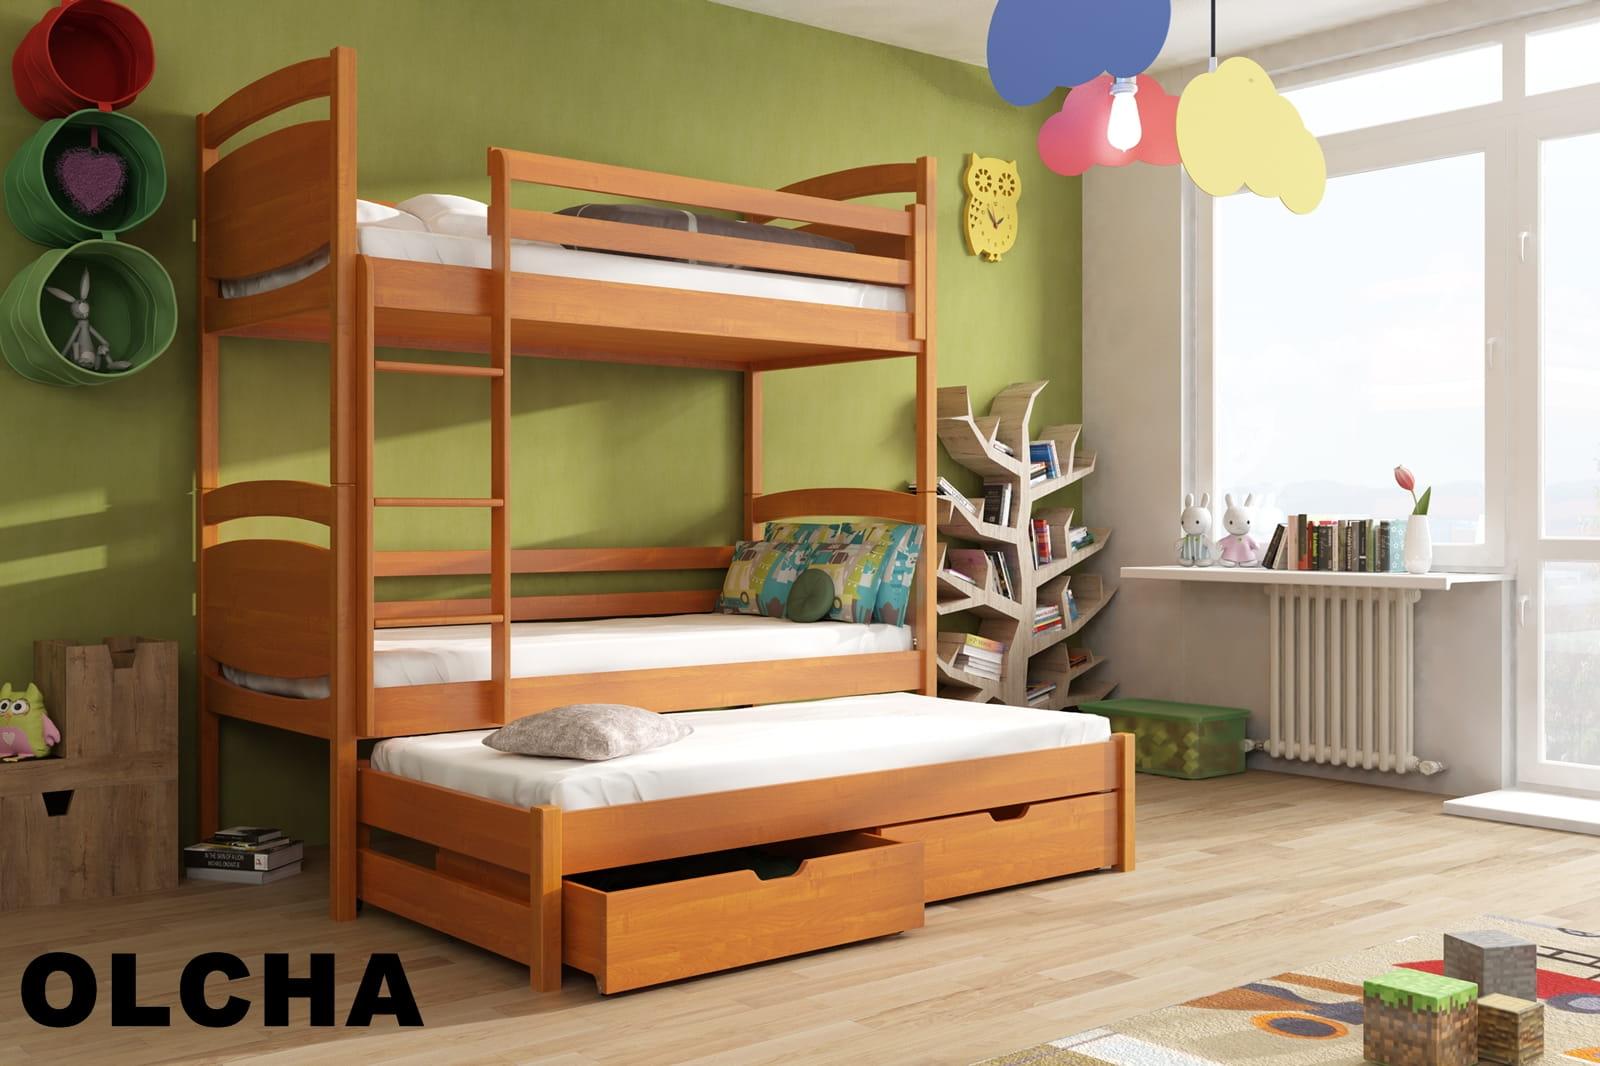 łóżko Piętrowe Trzyosobowe Wojtek Meblegratka